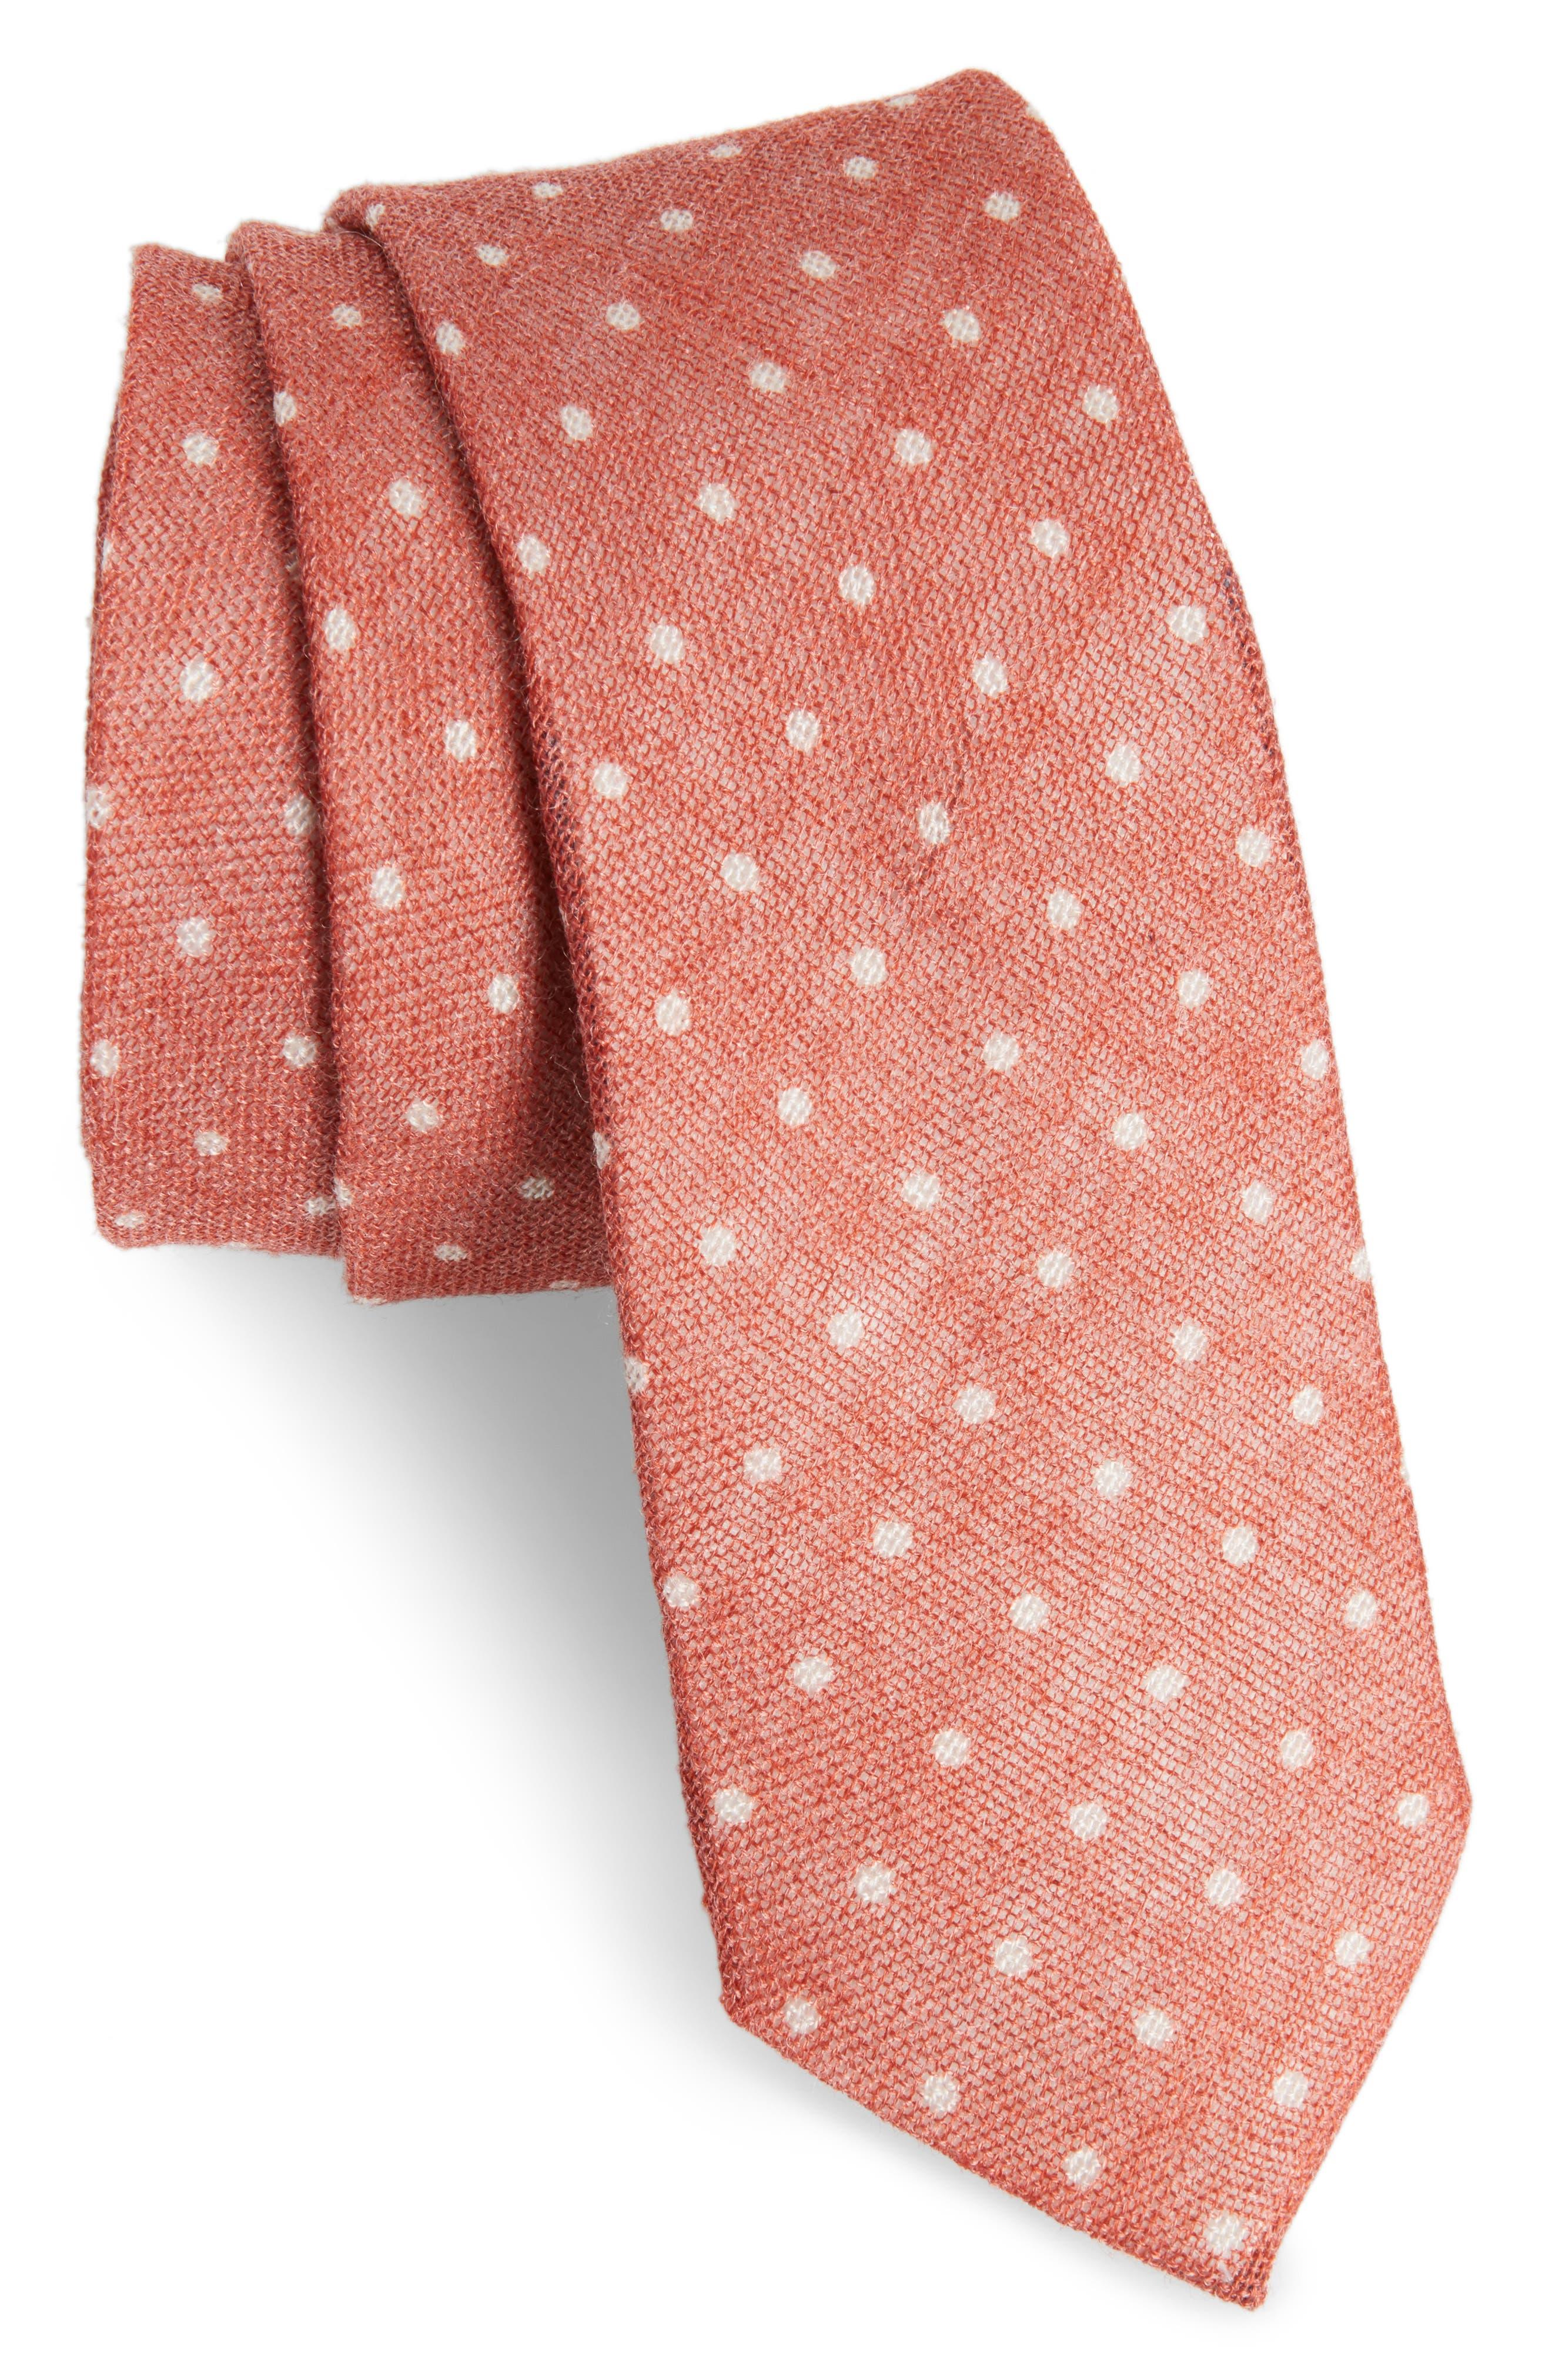 Main Image - Nordstrom Men's Shop Bradford Dot Tie